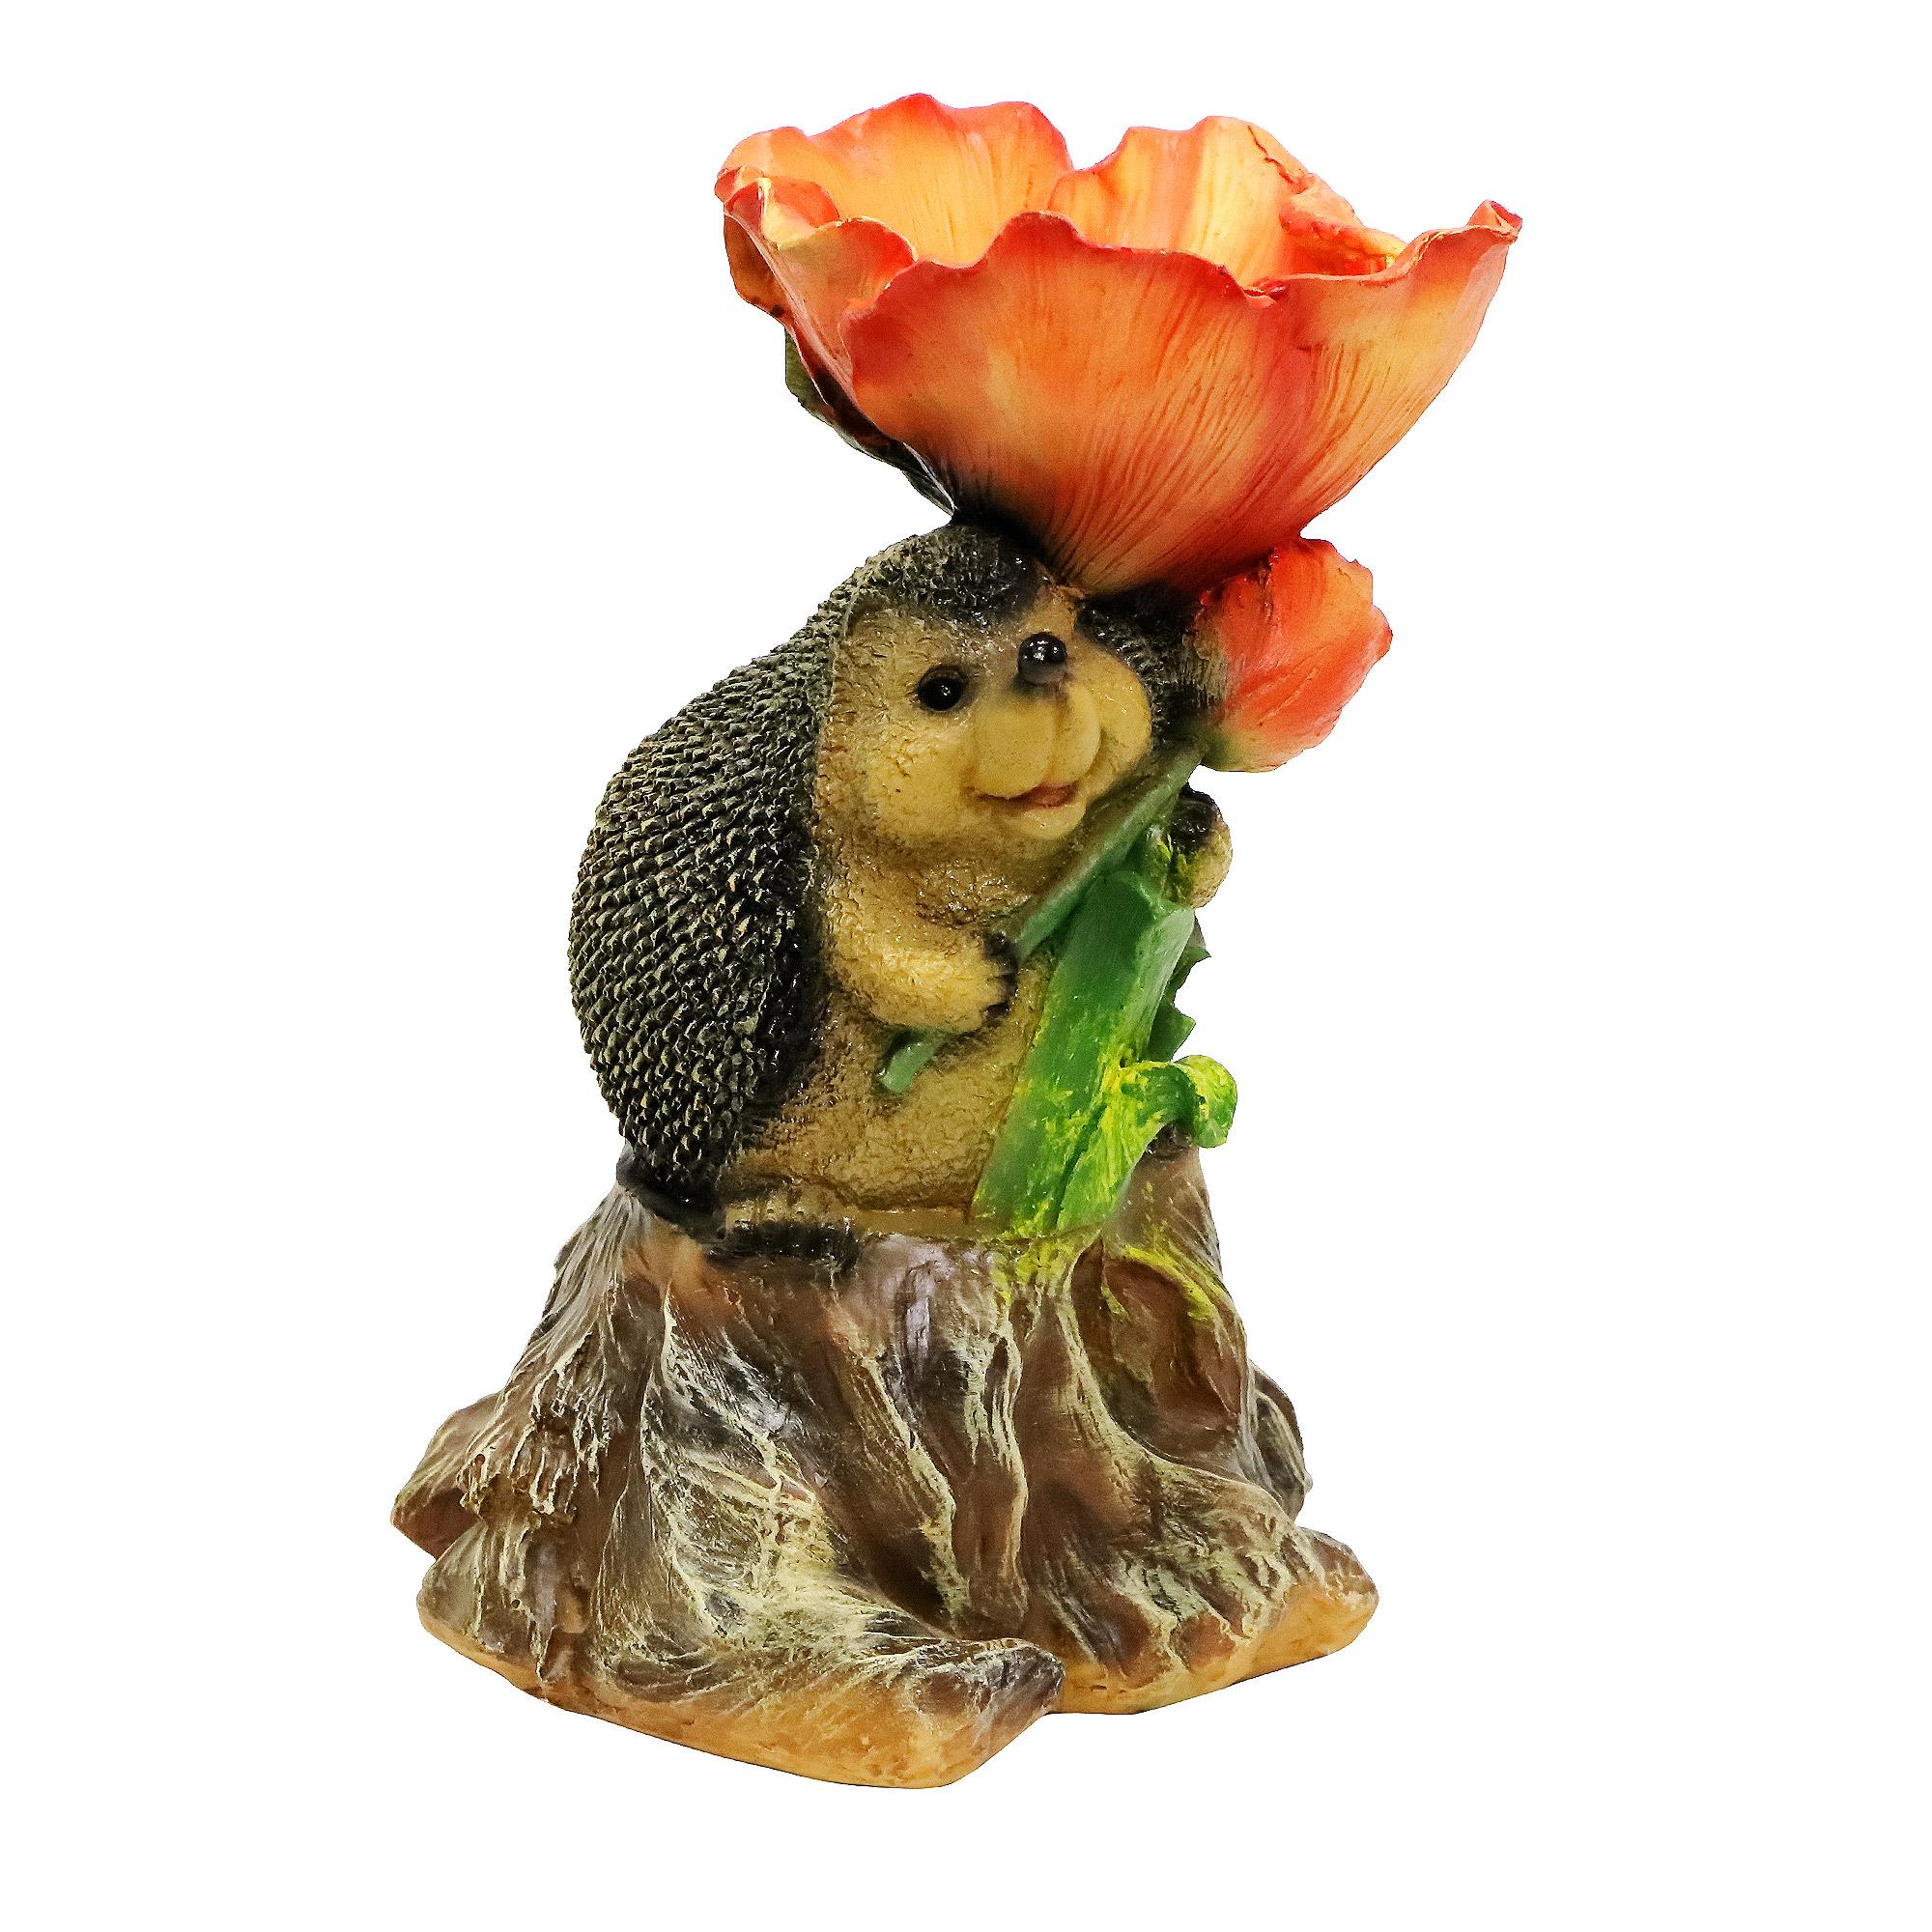 Фигура садовая Ежик-поилка на пне Тпк полиформ садовая фигура красный ара на коряге 9 5х7х24см 5155107